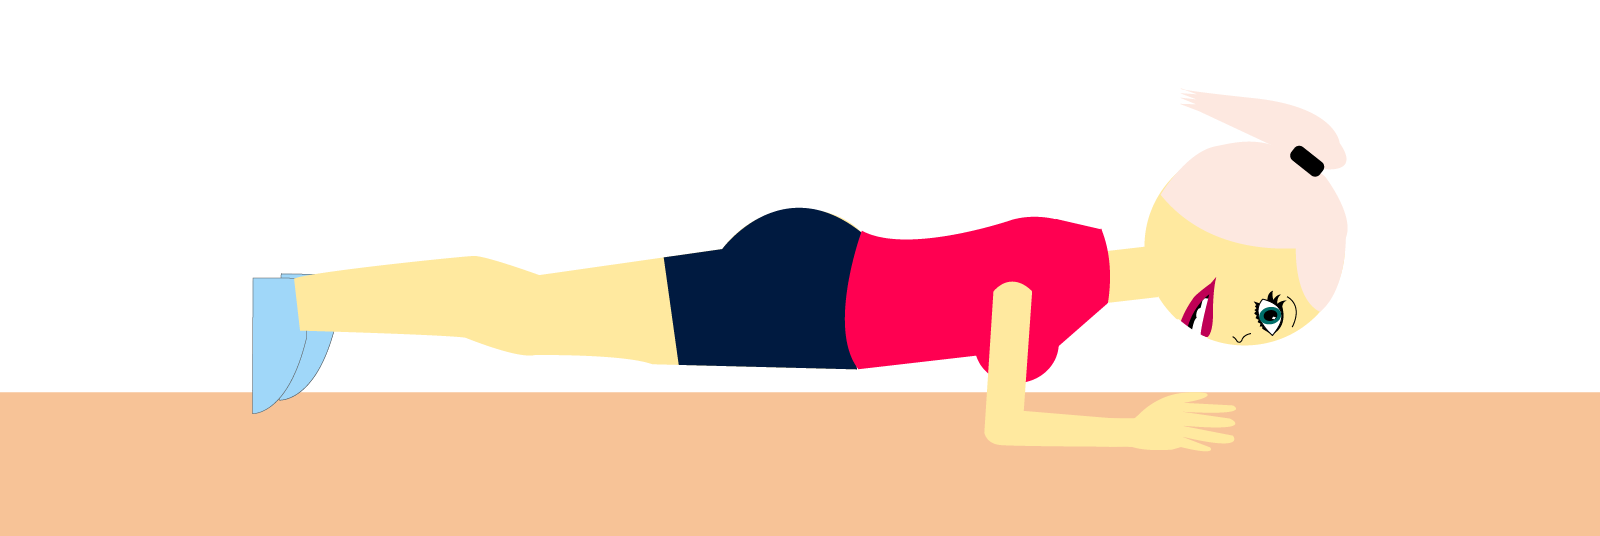 planke, planken, træning, lunges, træning, squat, træning, sund, sundhed, mds, pige, guide, øvelser, træningsøvelser, træningsprogram, lunges, håndvægte